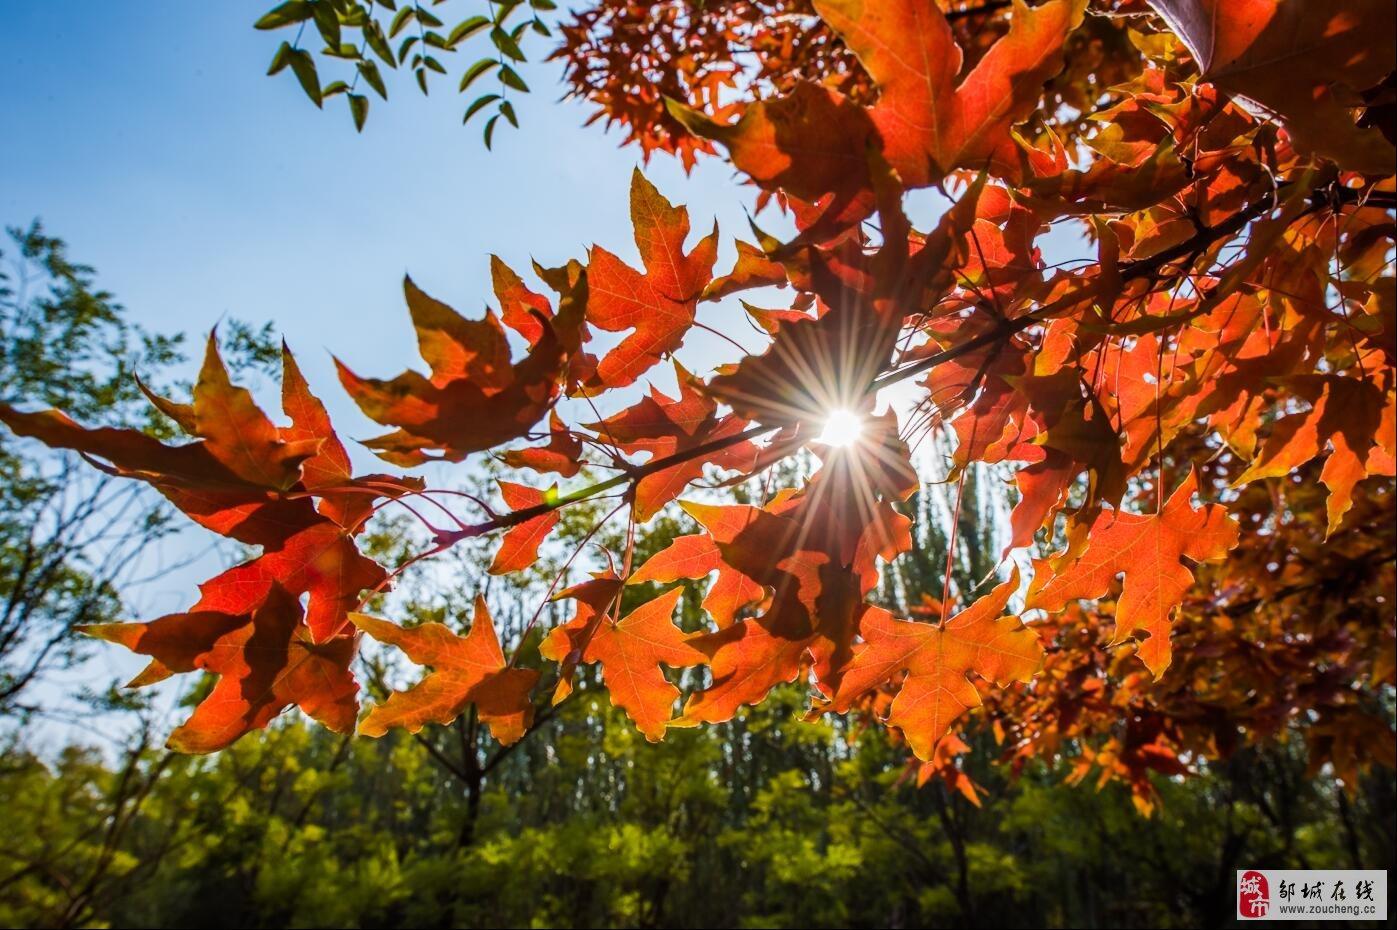 秋:待到满山红叶时!